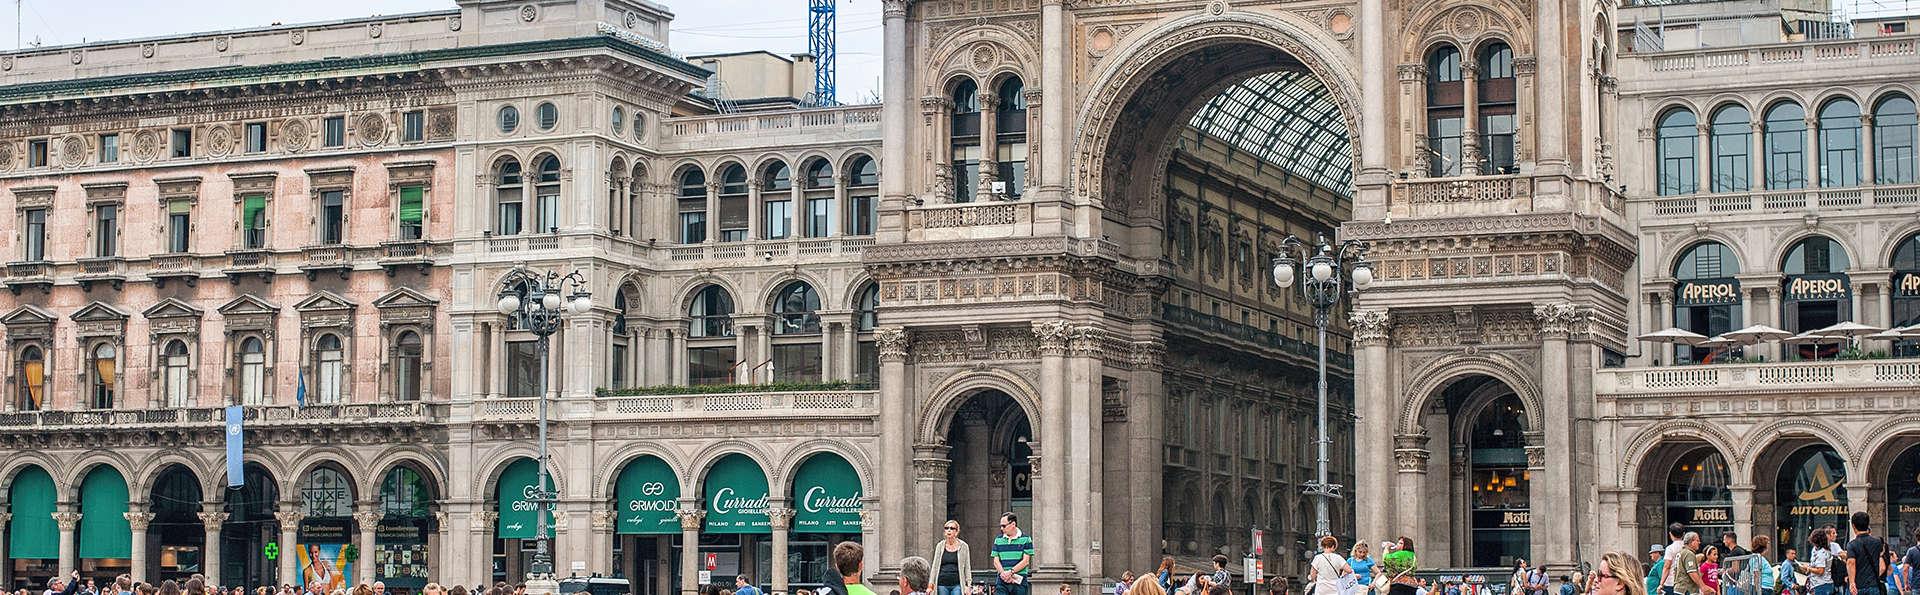 Séjour à Milan à prix réduit, dans un hôtel 4 étoiles situé dans le quartier Citylife